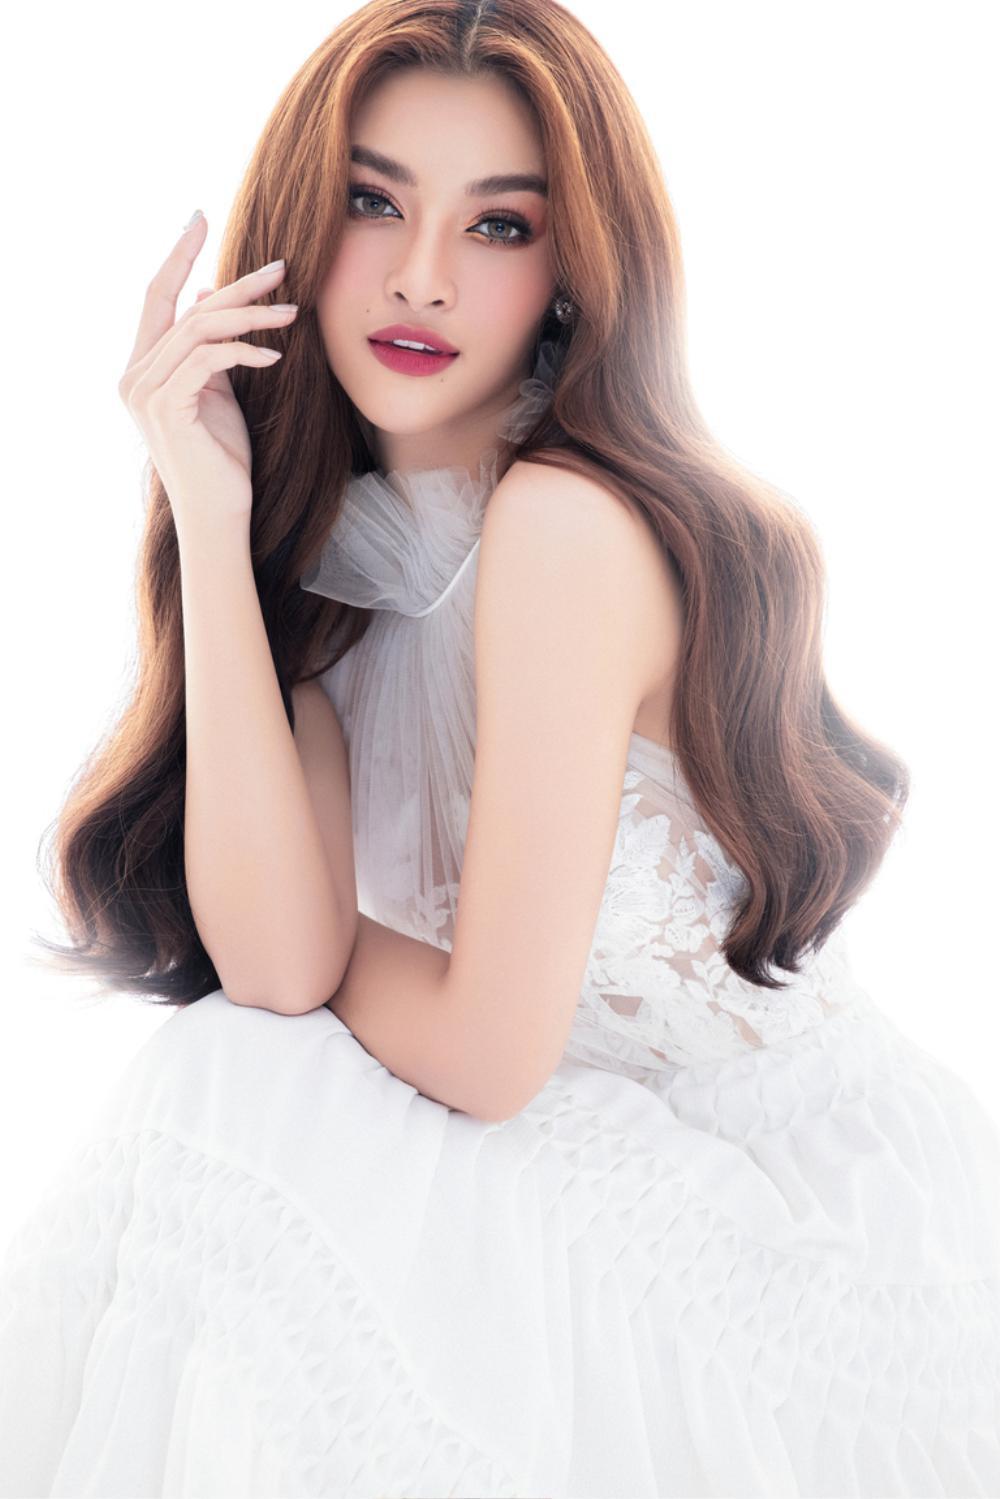 Á hậu Kiều Loan khoe nhan sắc quyến rũ trong bộ ảnh mới Ảnh 10